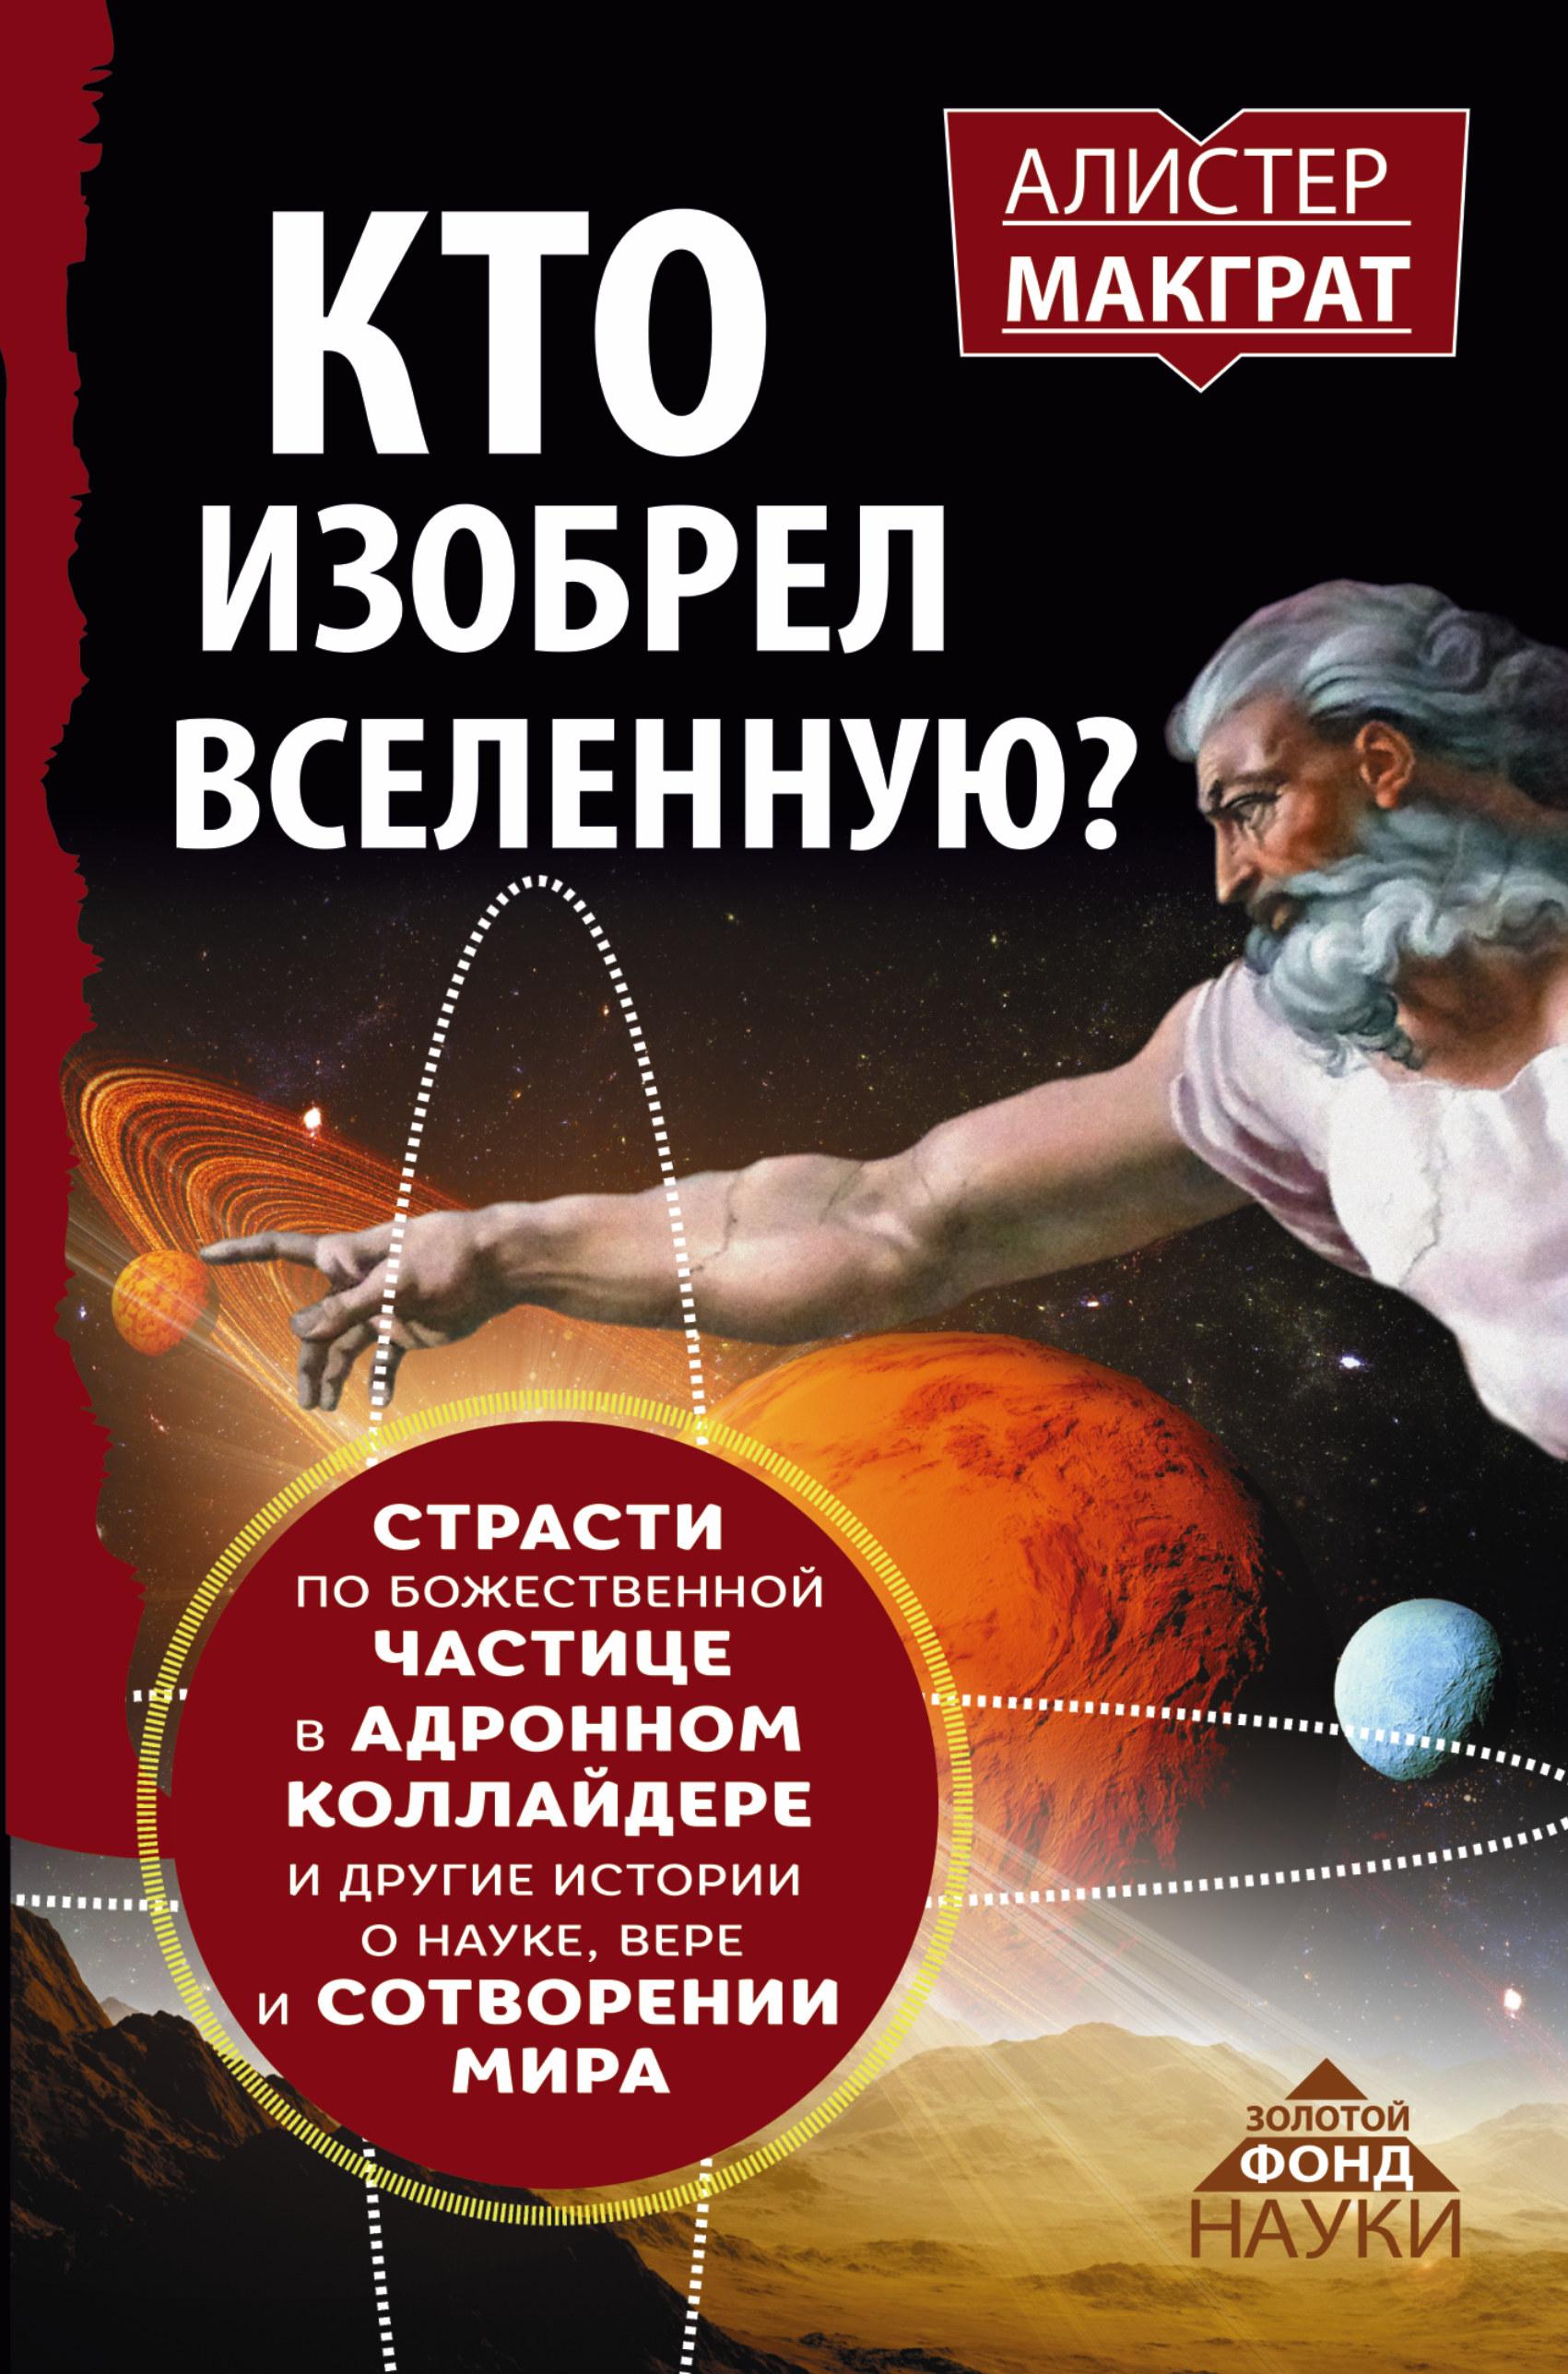 Купить Страсти по божественной частице в андронном коллайдере и другие истории о науке, вере и сотворении мира, Алистер Мак-Грат, 978-5-17-098307-0